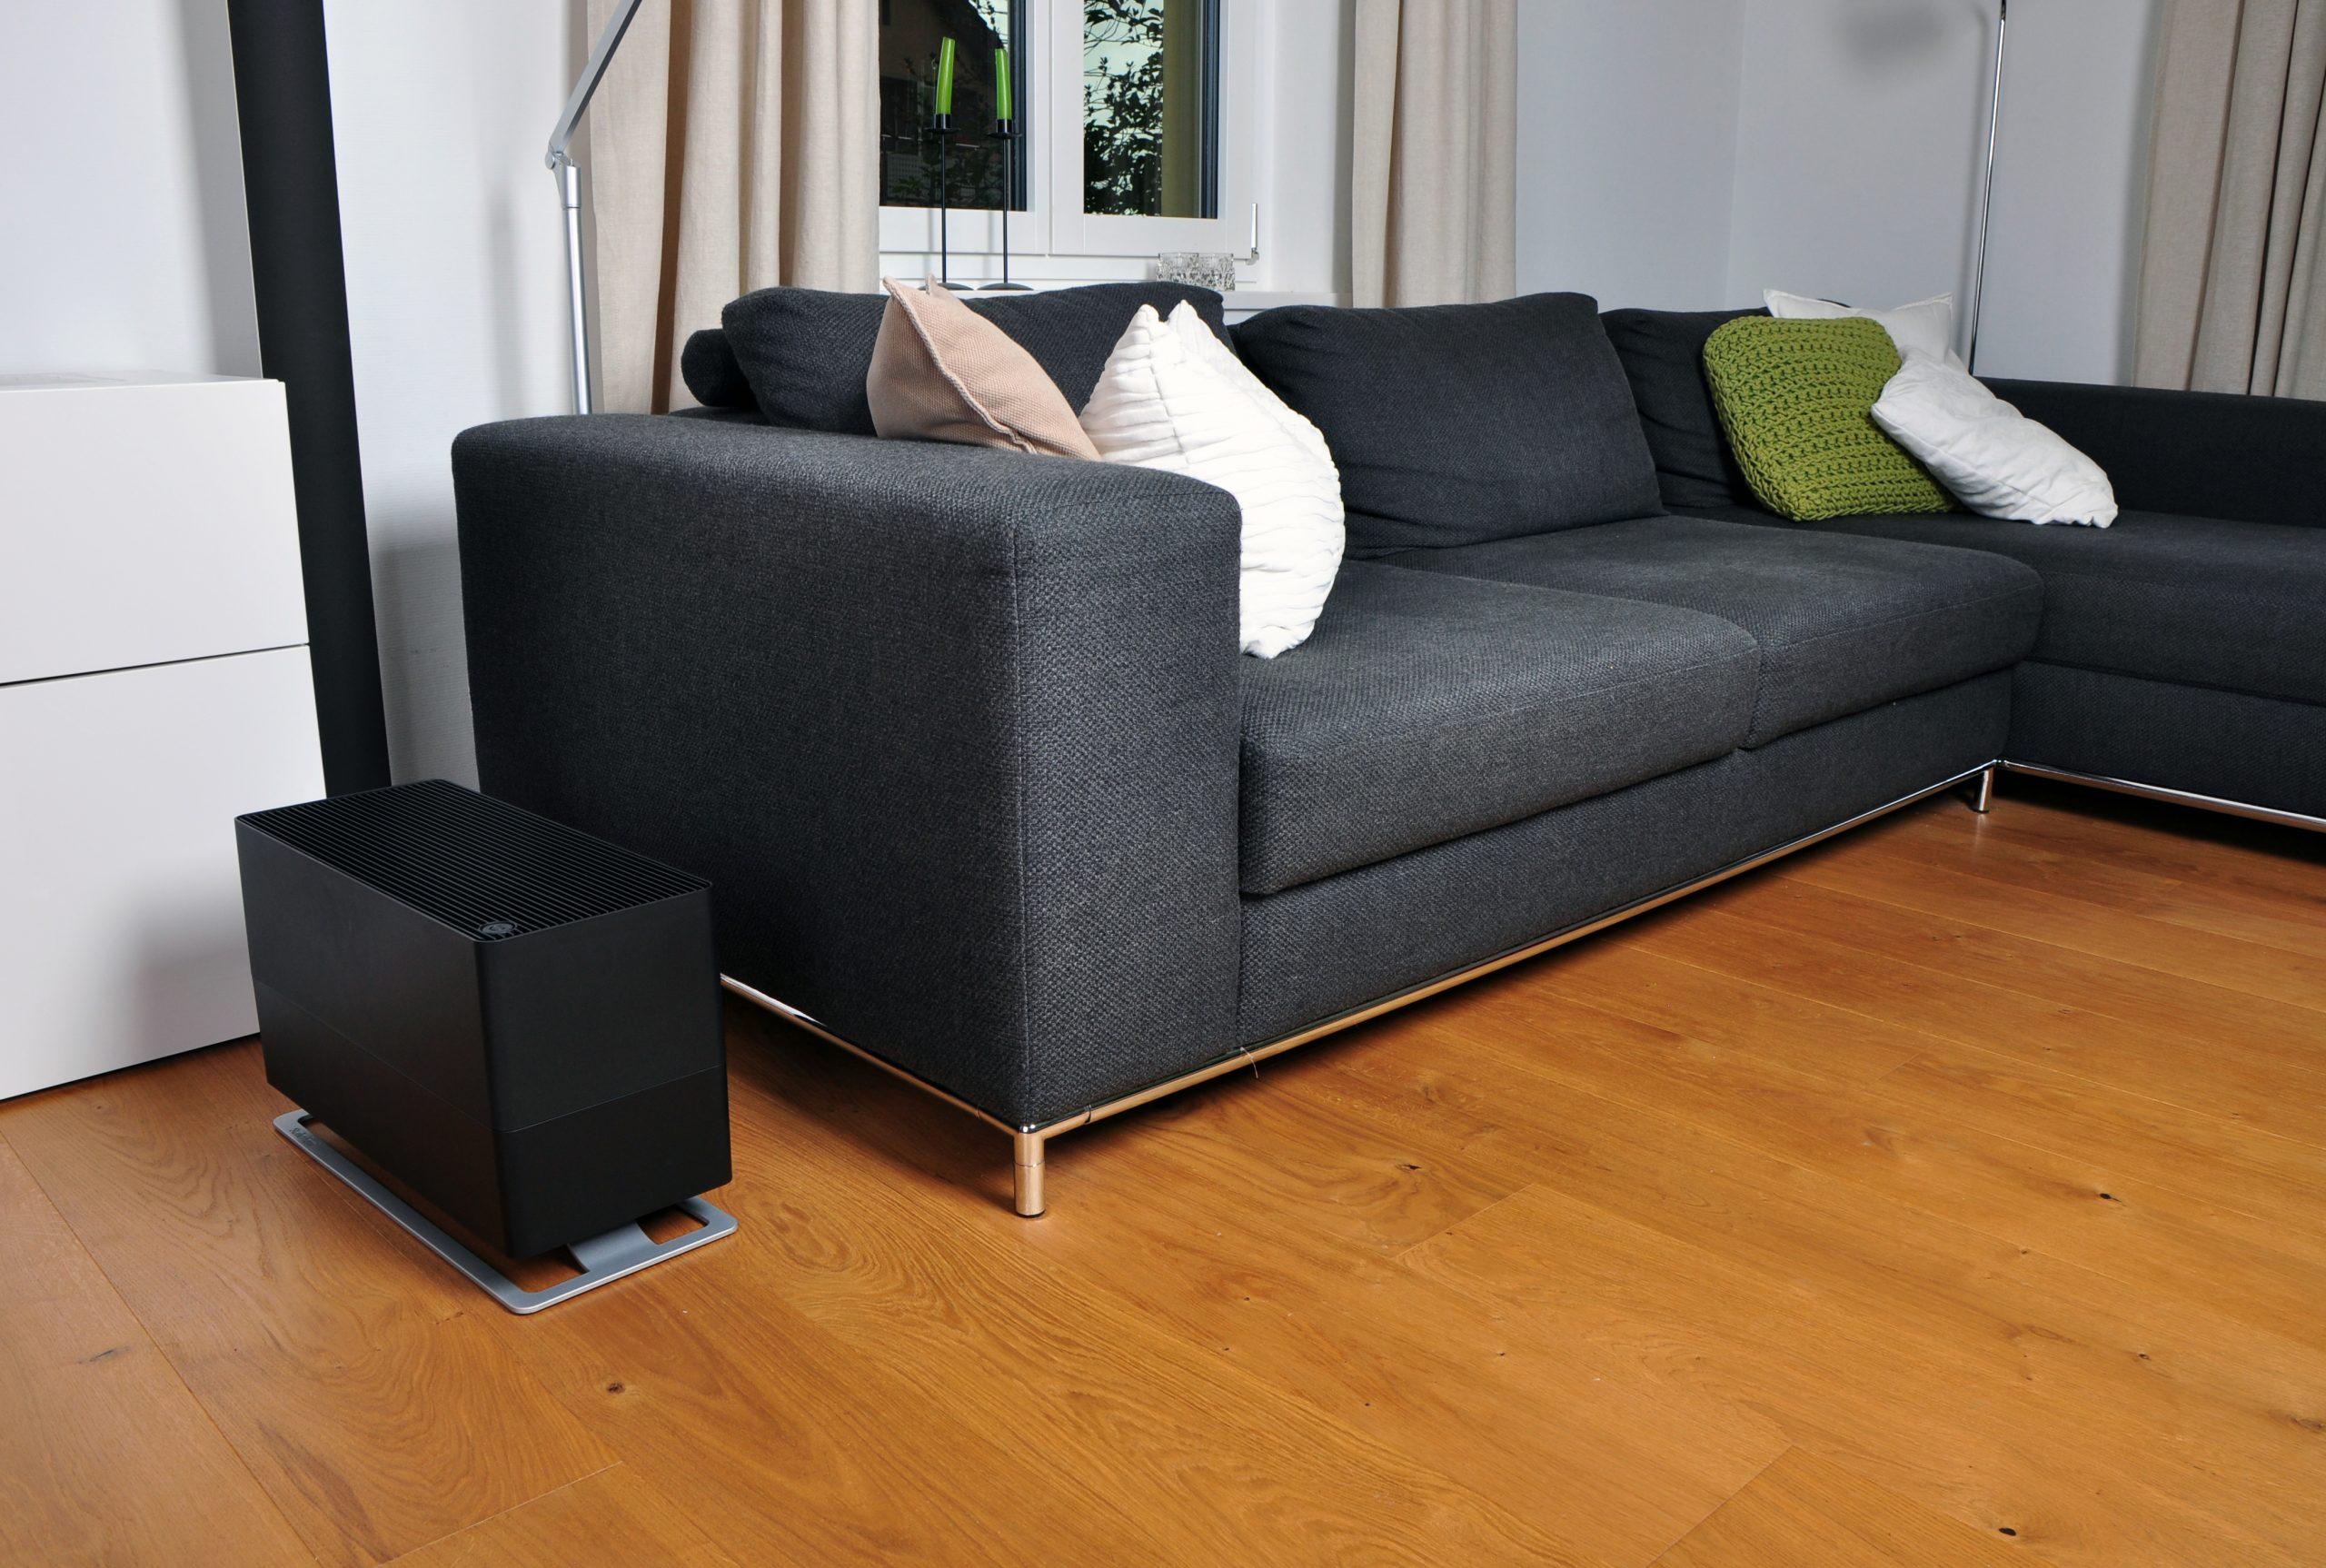 Традиционный увлажнитель воздуха Stadler Form Oskar Big Black лайфстайл2